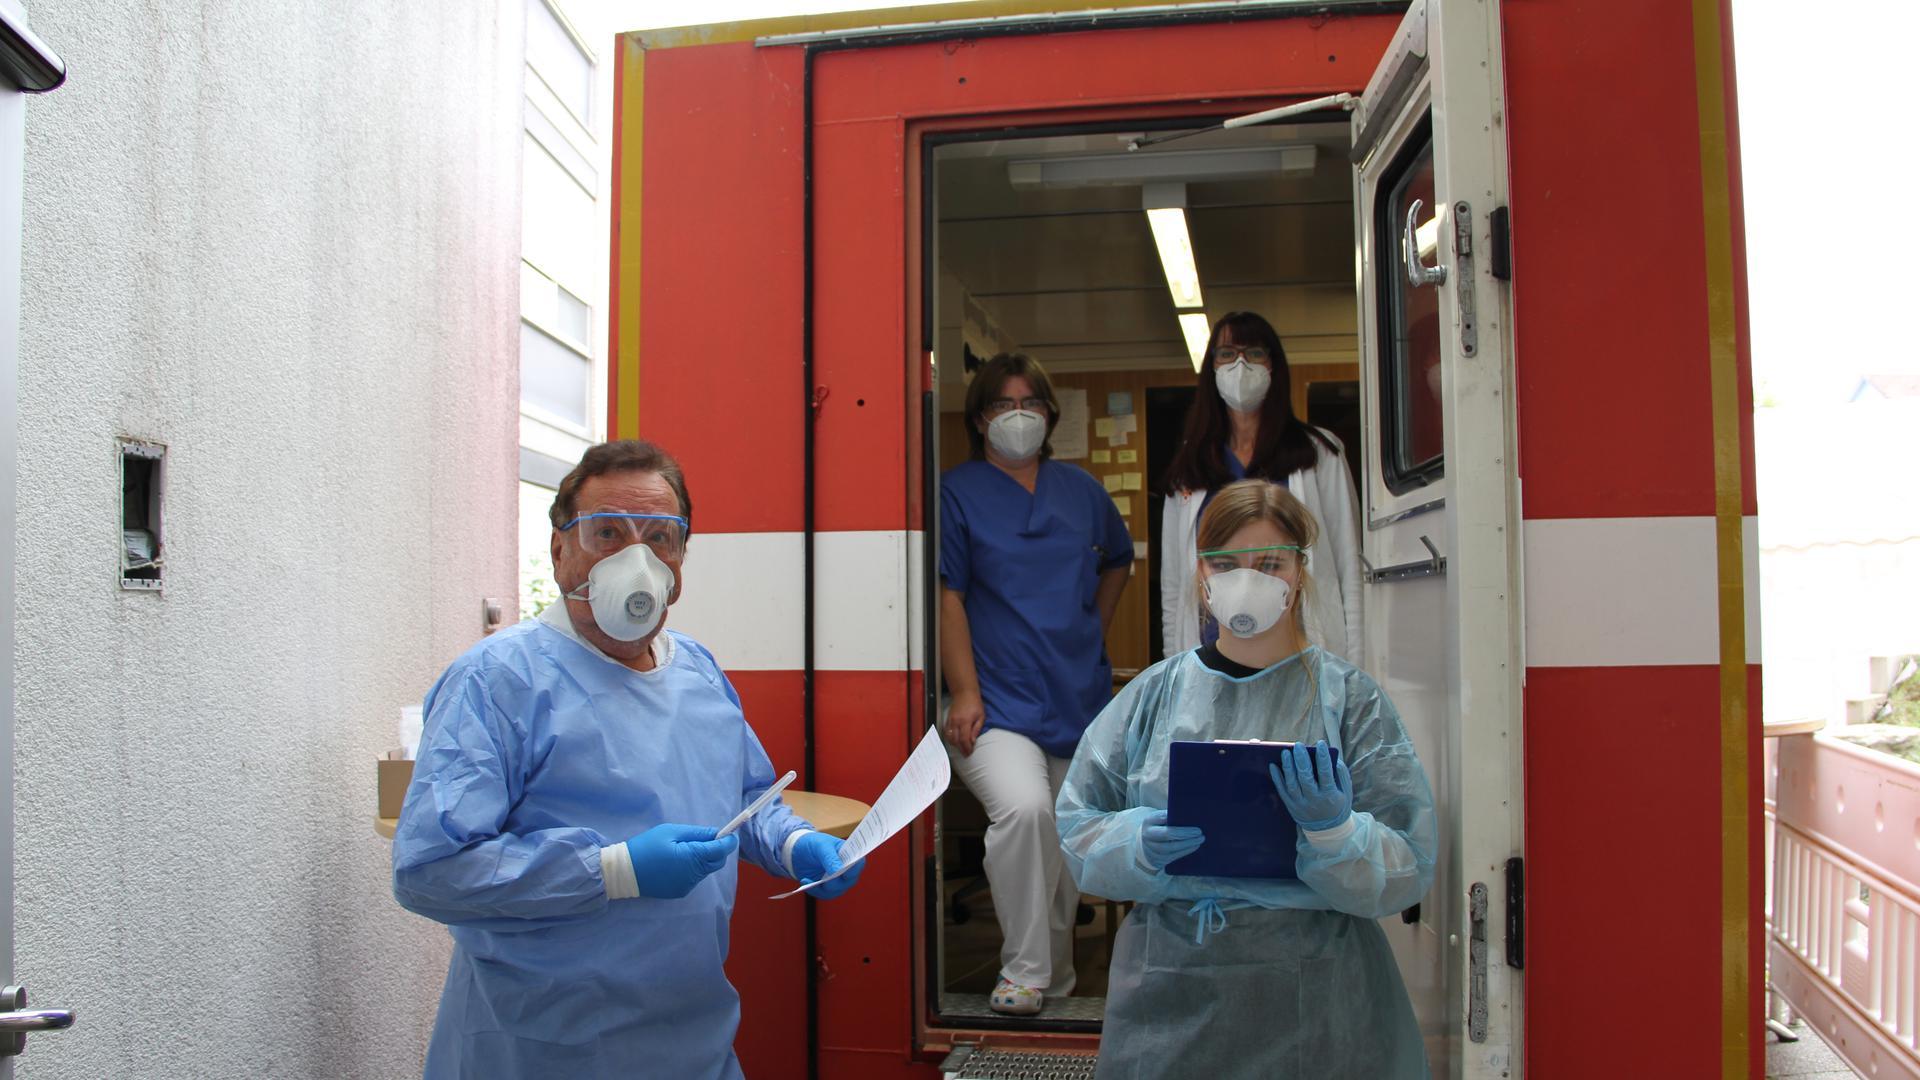 Vier Personen stehen in einer Tür. Sie tragen Schutzkleidung